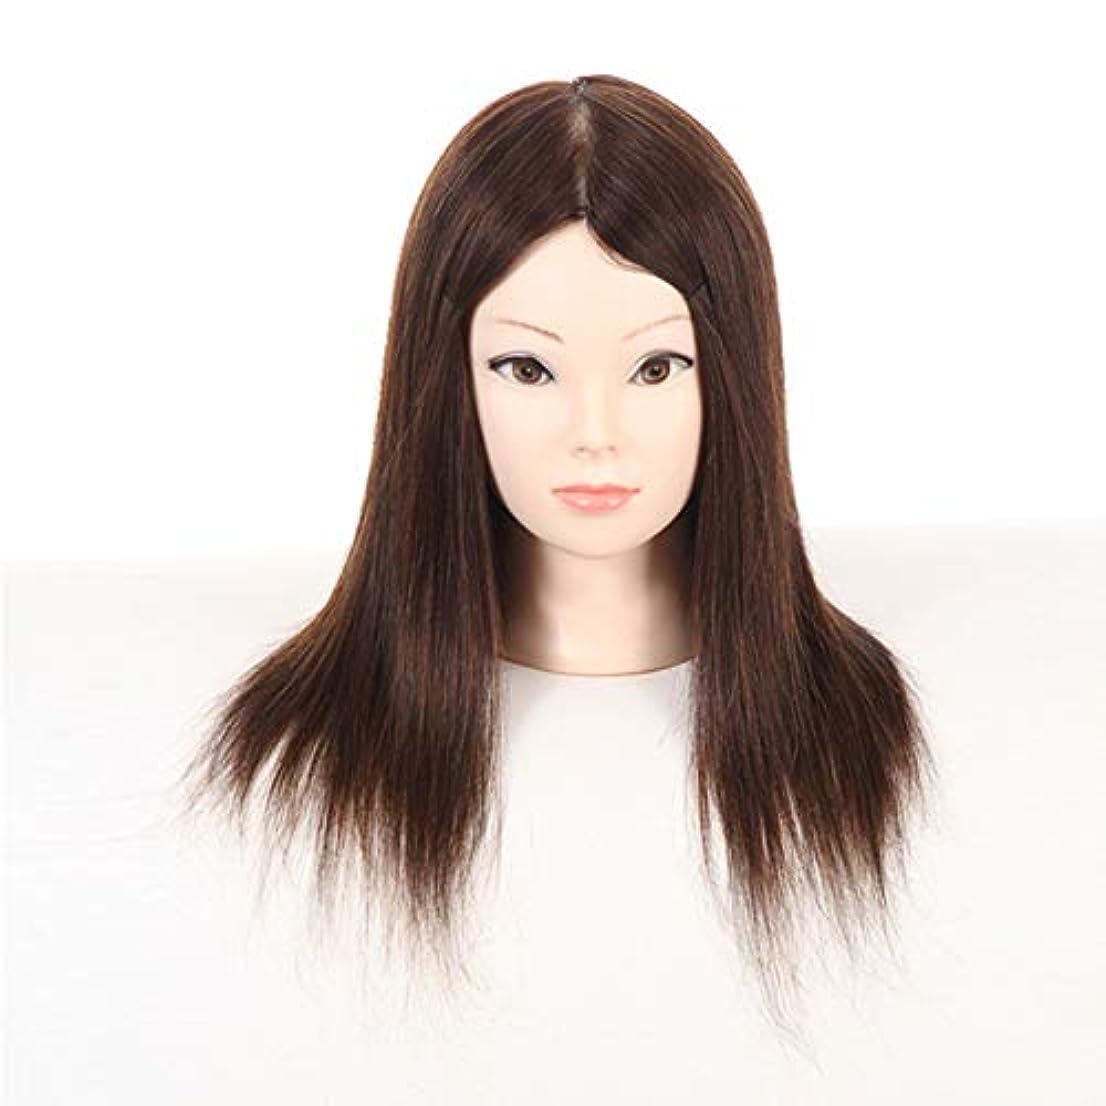 溢れんばかりの義務災害本物の髪髪編組髪ヘアホット染料ヘッド型サロンモデリングウィッグエクササイズヘッド散髪学習ダミーヘッド